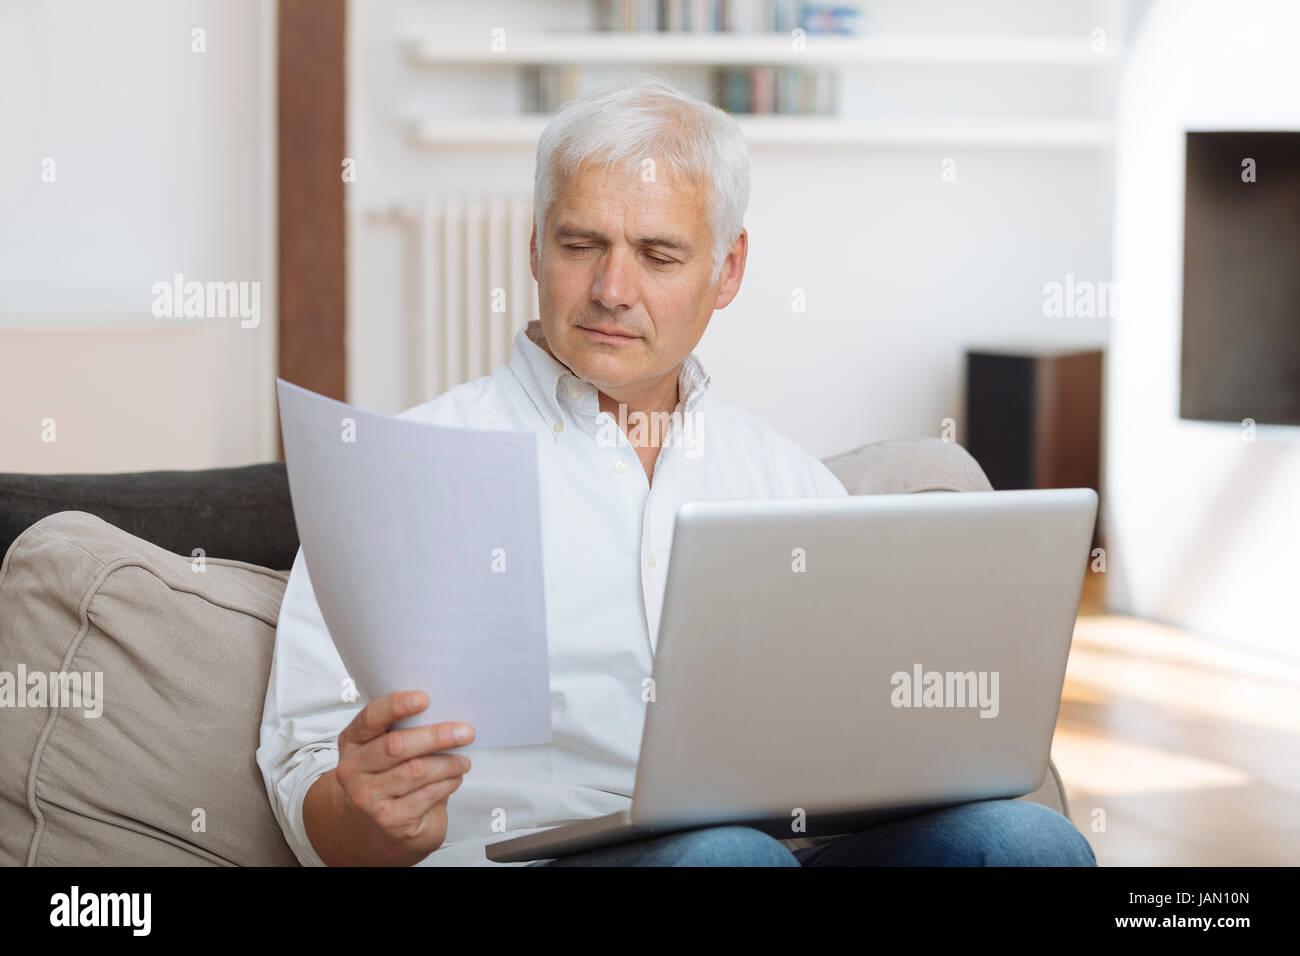 Mature man paying bills online - Stock Image